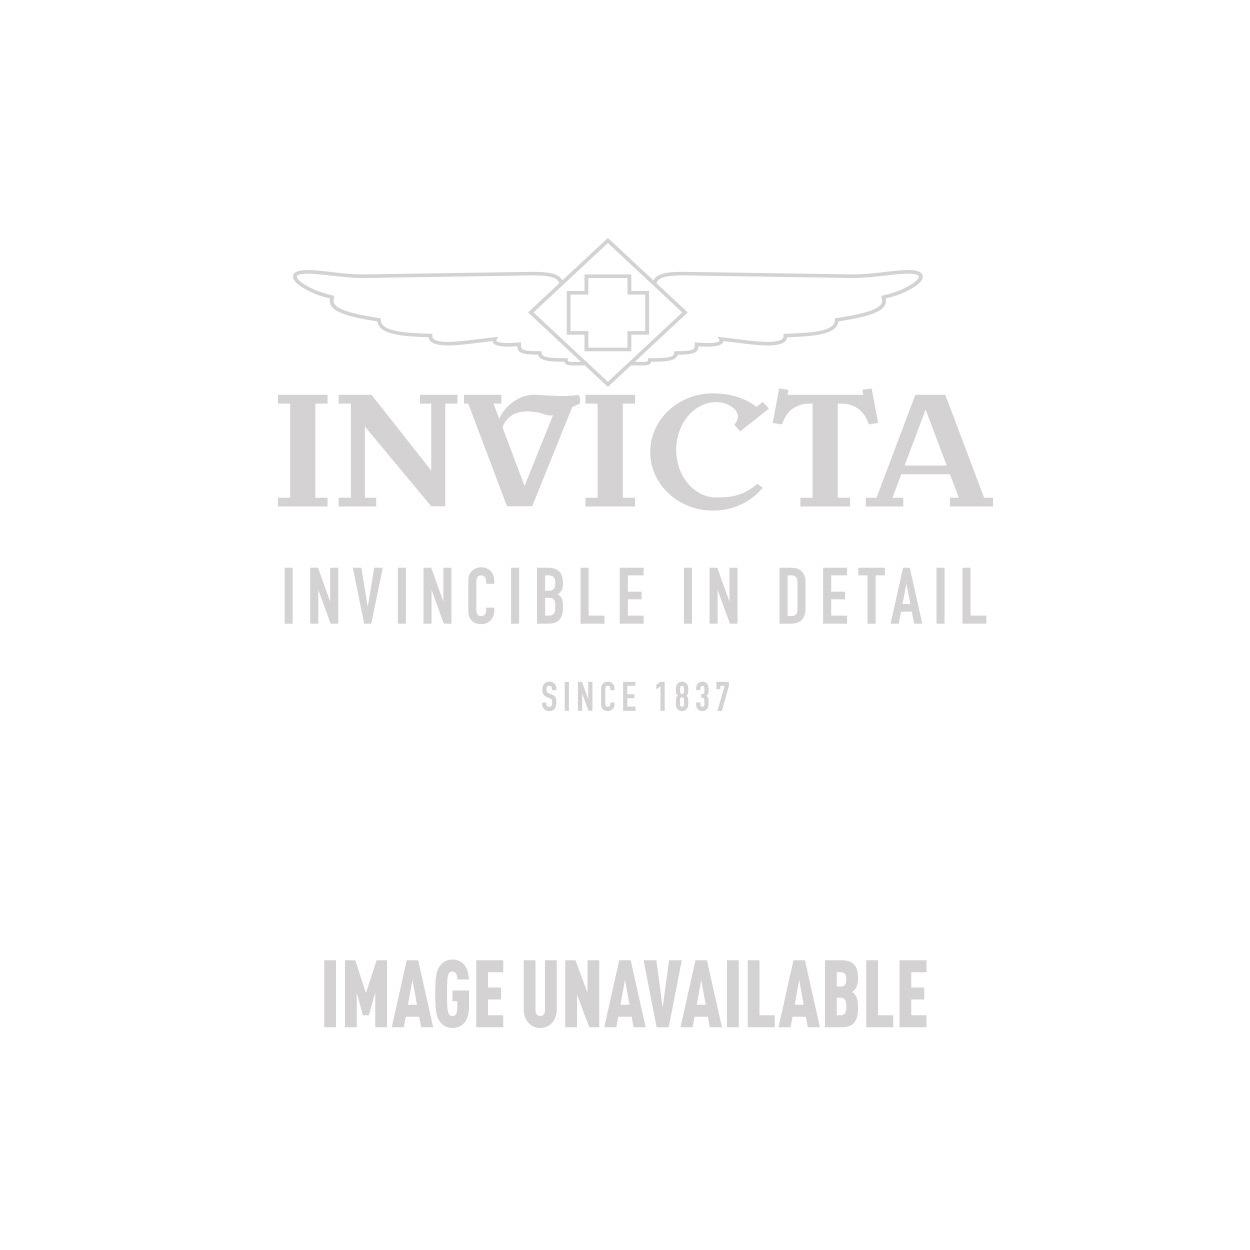 Invicta Model 28557